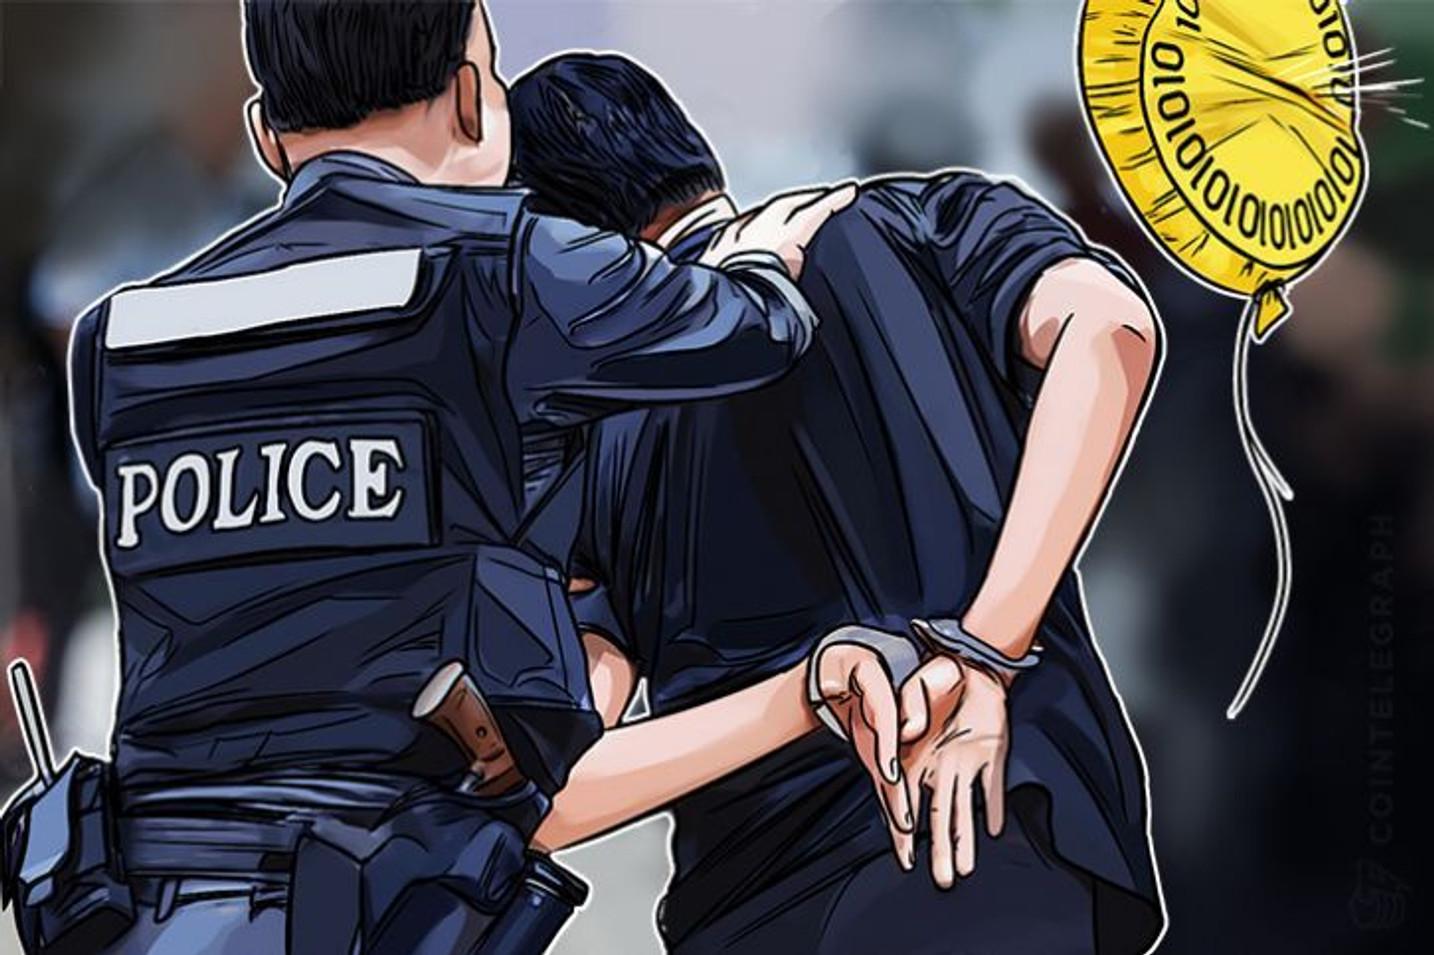 El Servicio de Aduanas de Corea del Sur reporta $600 millones en criptomonedas ilegales